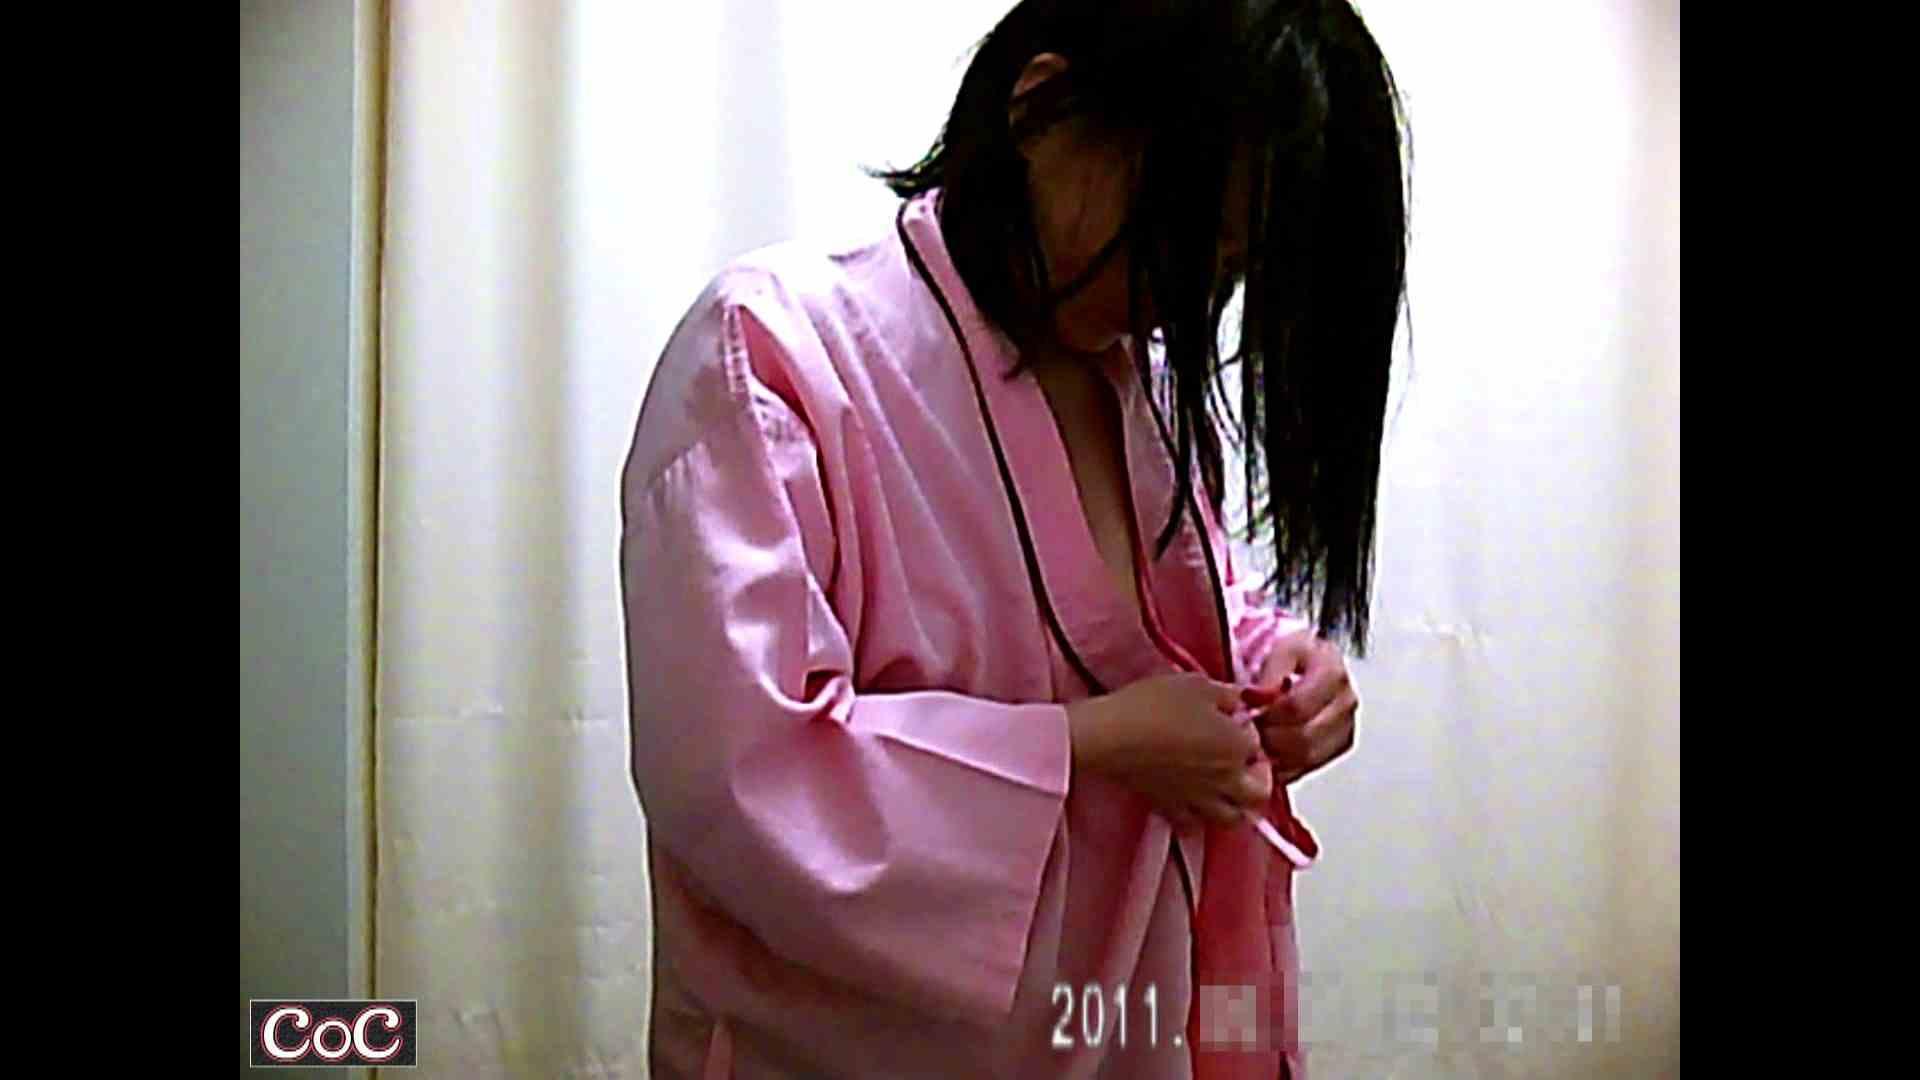 病院おもいっきり着替え! vol.02 巨乳 オマンコ動画キャプチャ 103pic 26